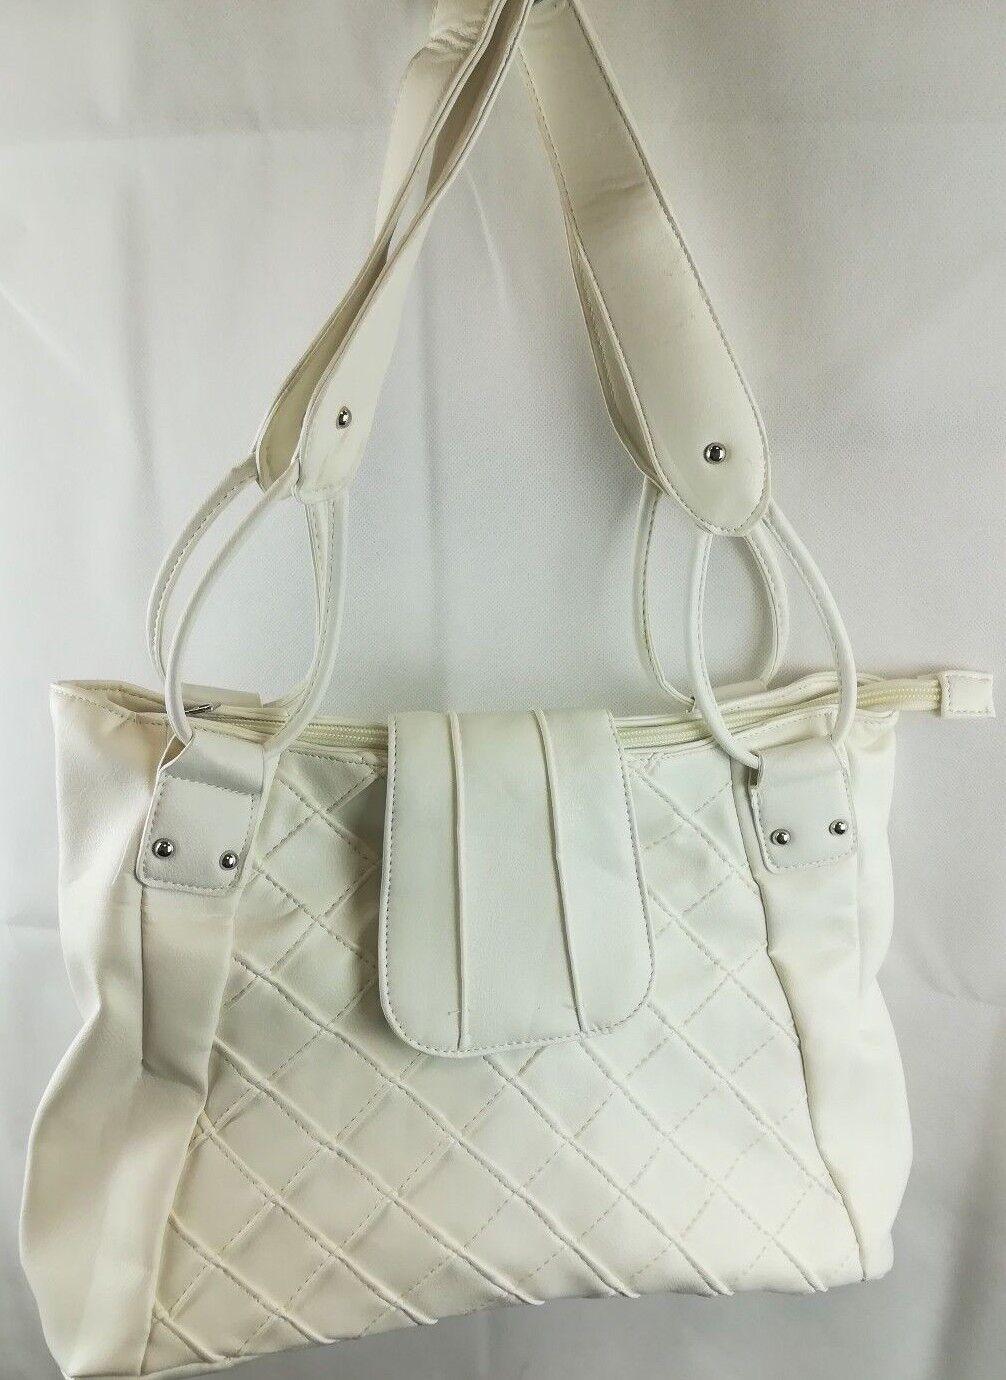 Damen Handtasche in Weiß Neu aus Kunststoff